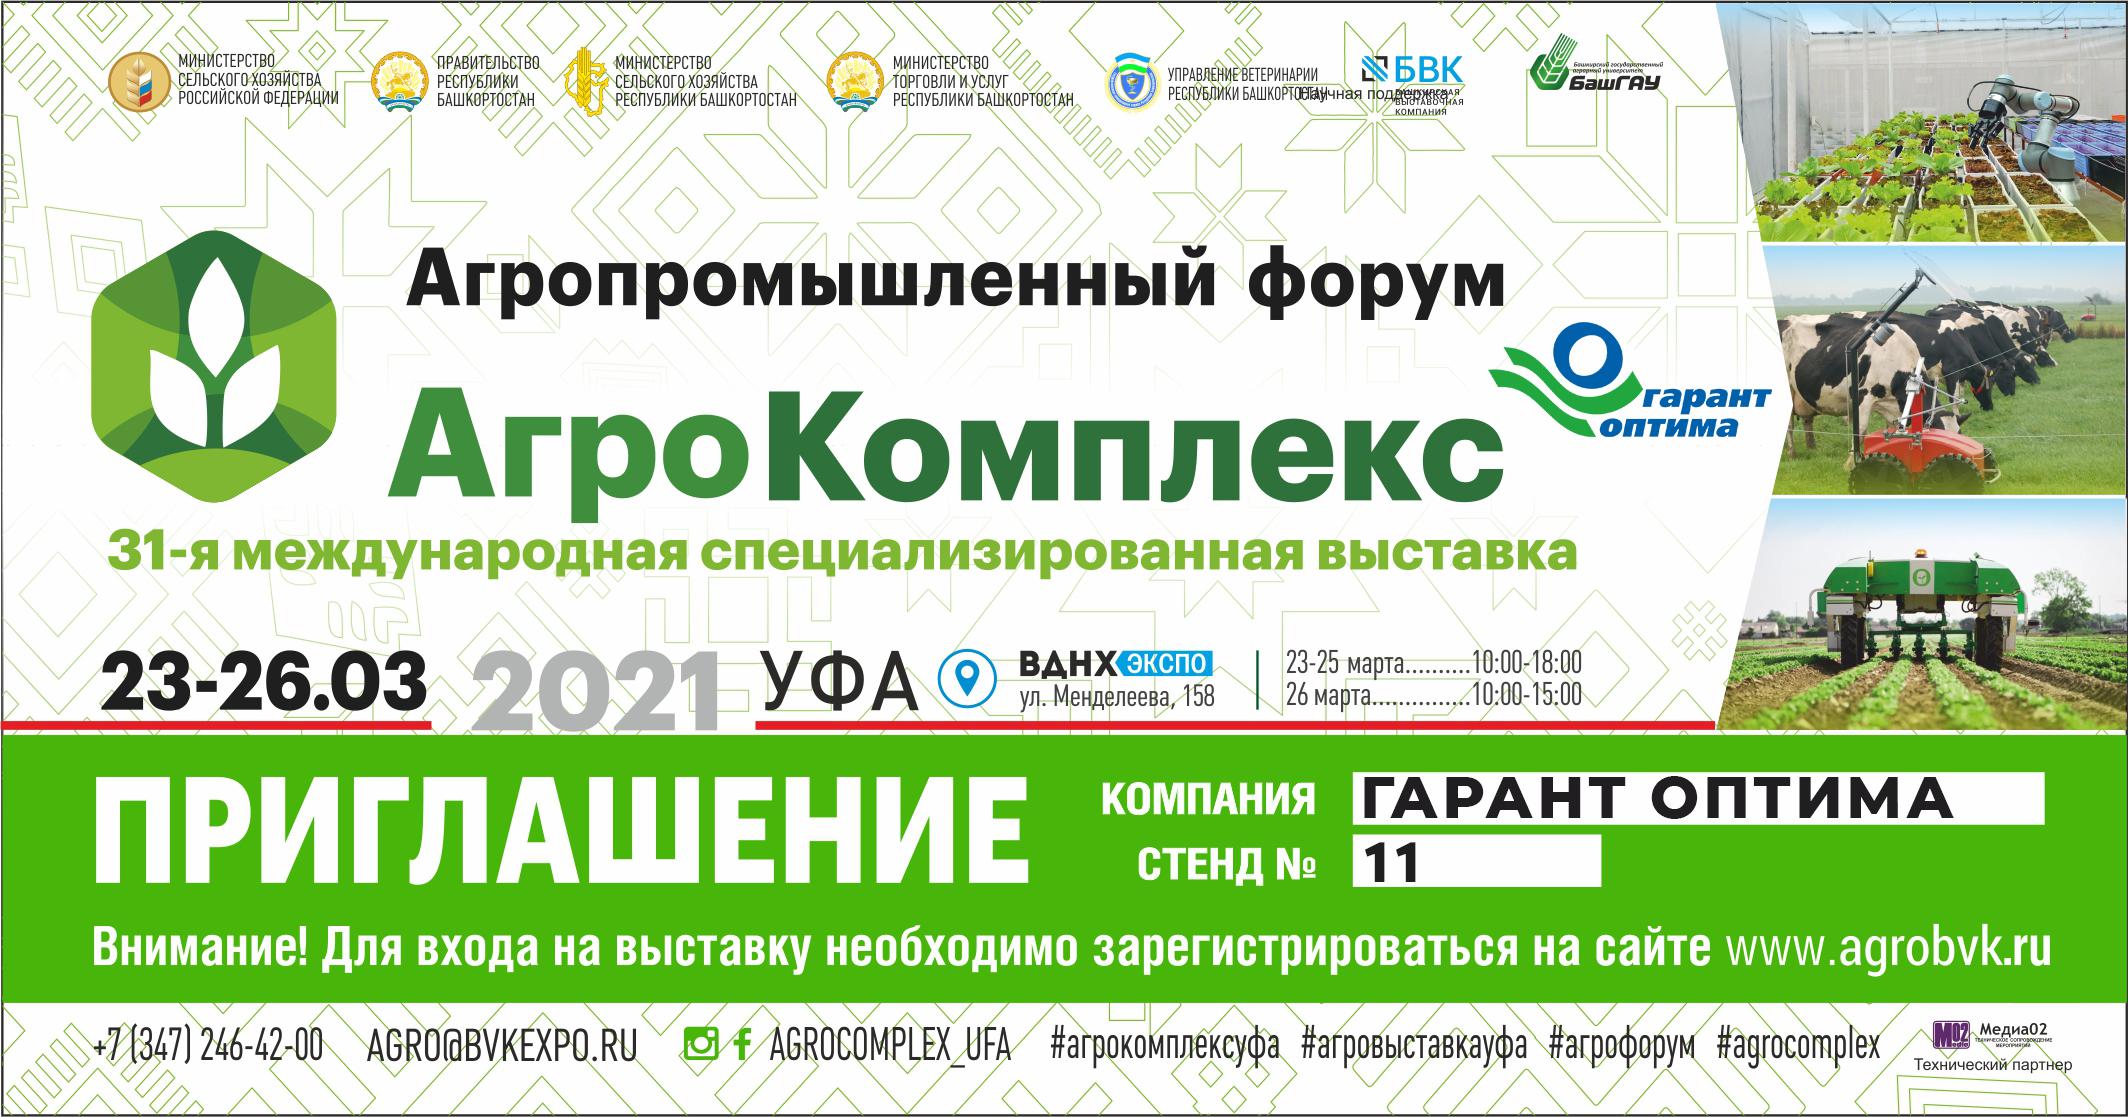 ЦСМ Республики Башкортостан примет участие в Международной специализированной выставке